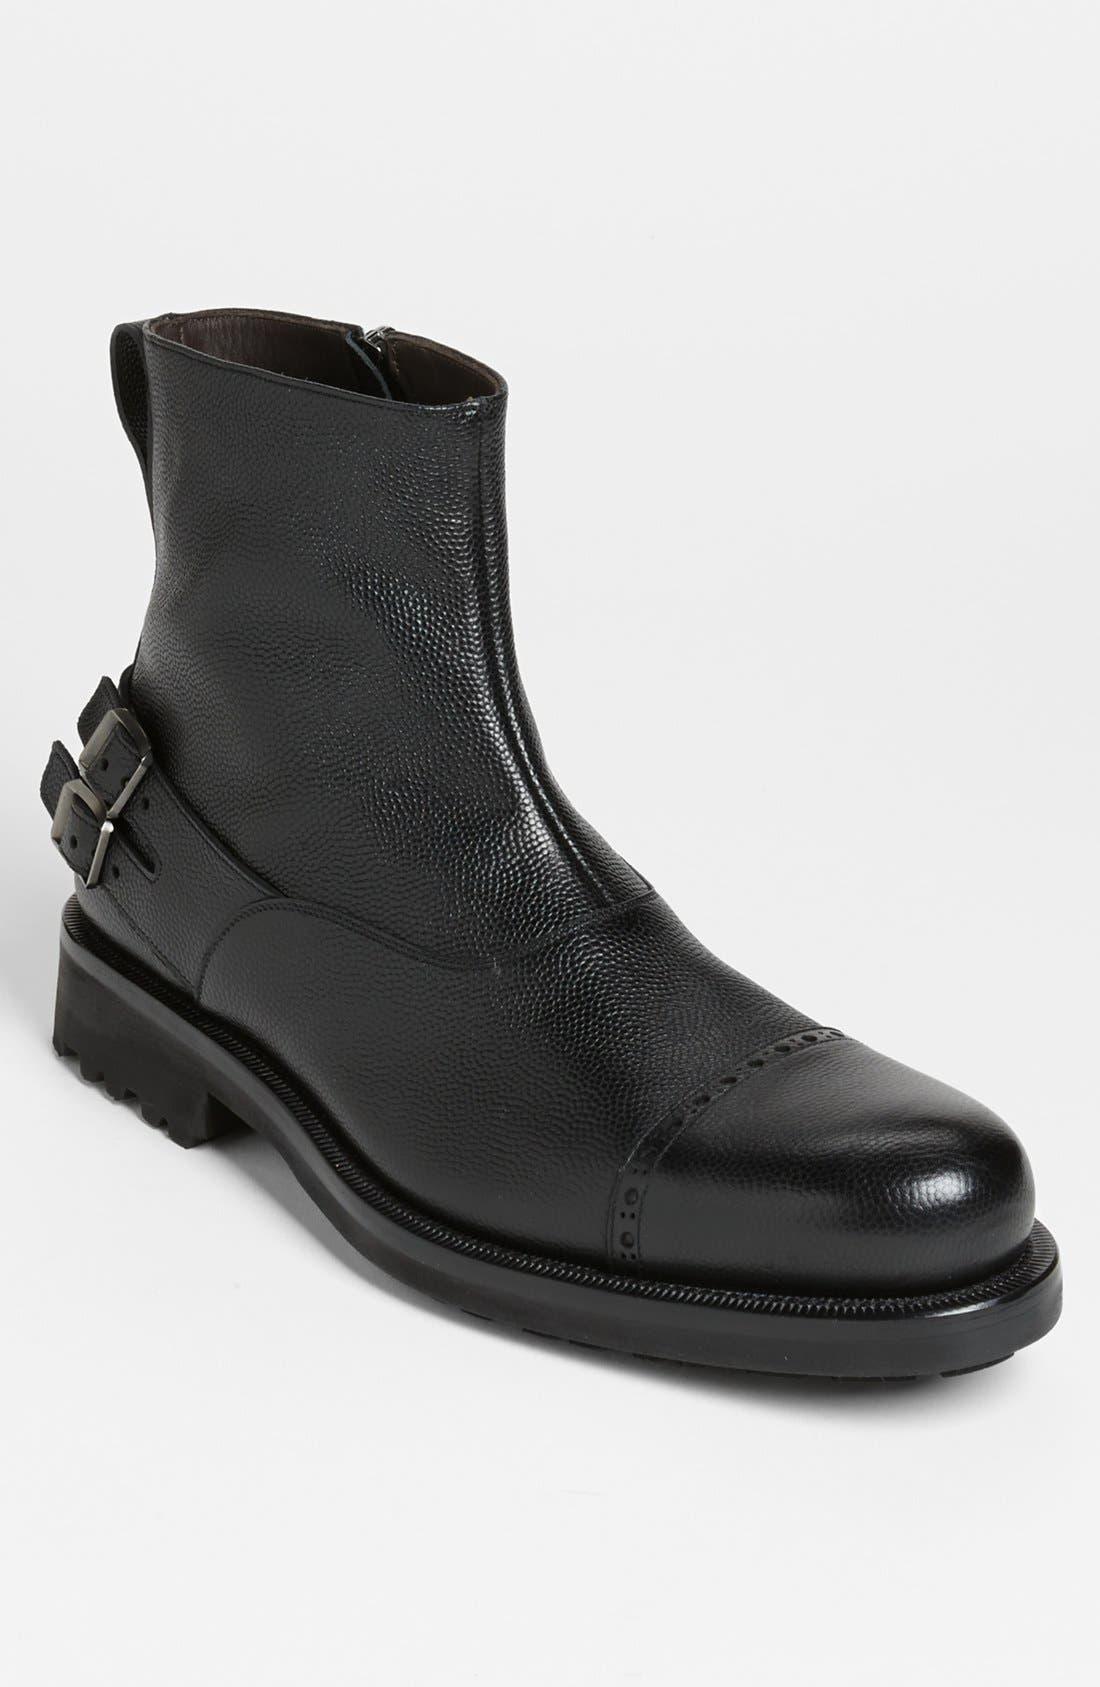 Alternate Image 1 Selected - Salvatore Ferragamo 'Sestri' Cap Toe Boot